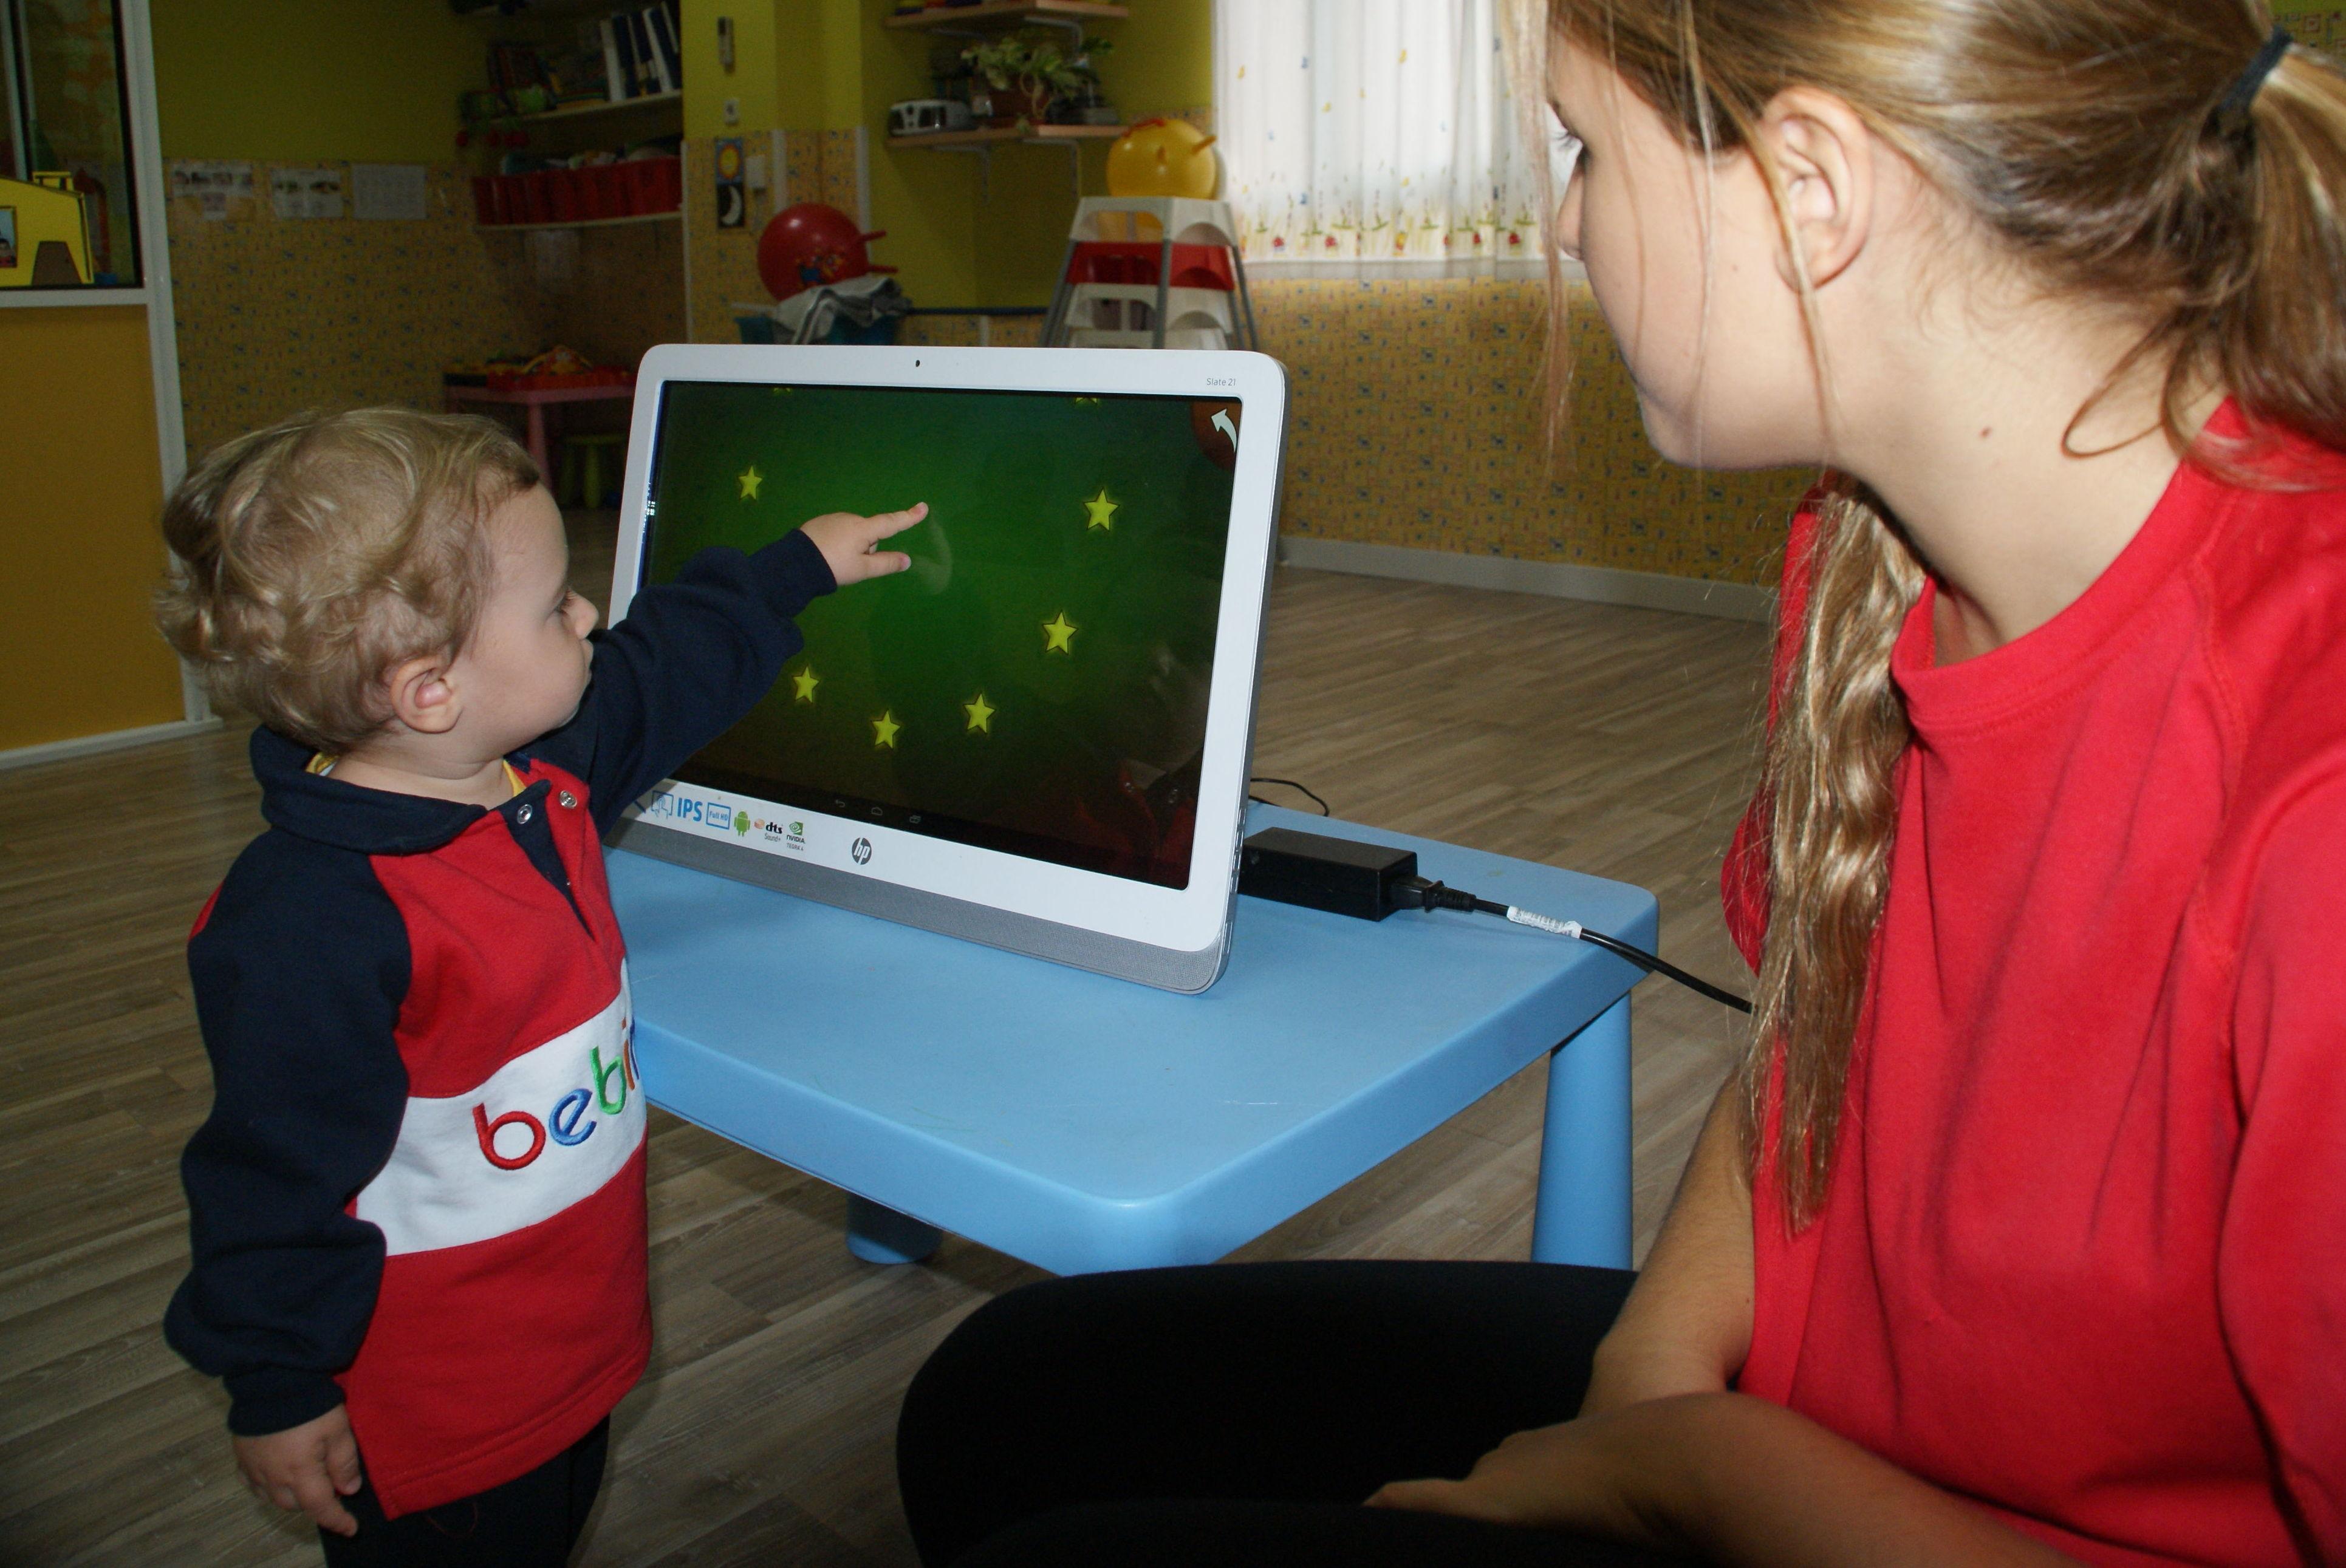 Foto 9 de Escuela infantil para niños de 0 a 3 años en Getafe | Escuela Infantil Bebines